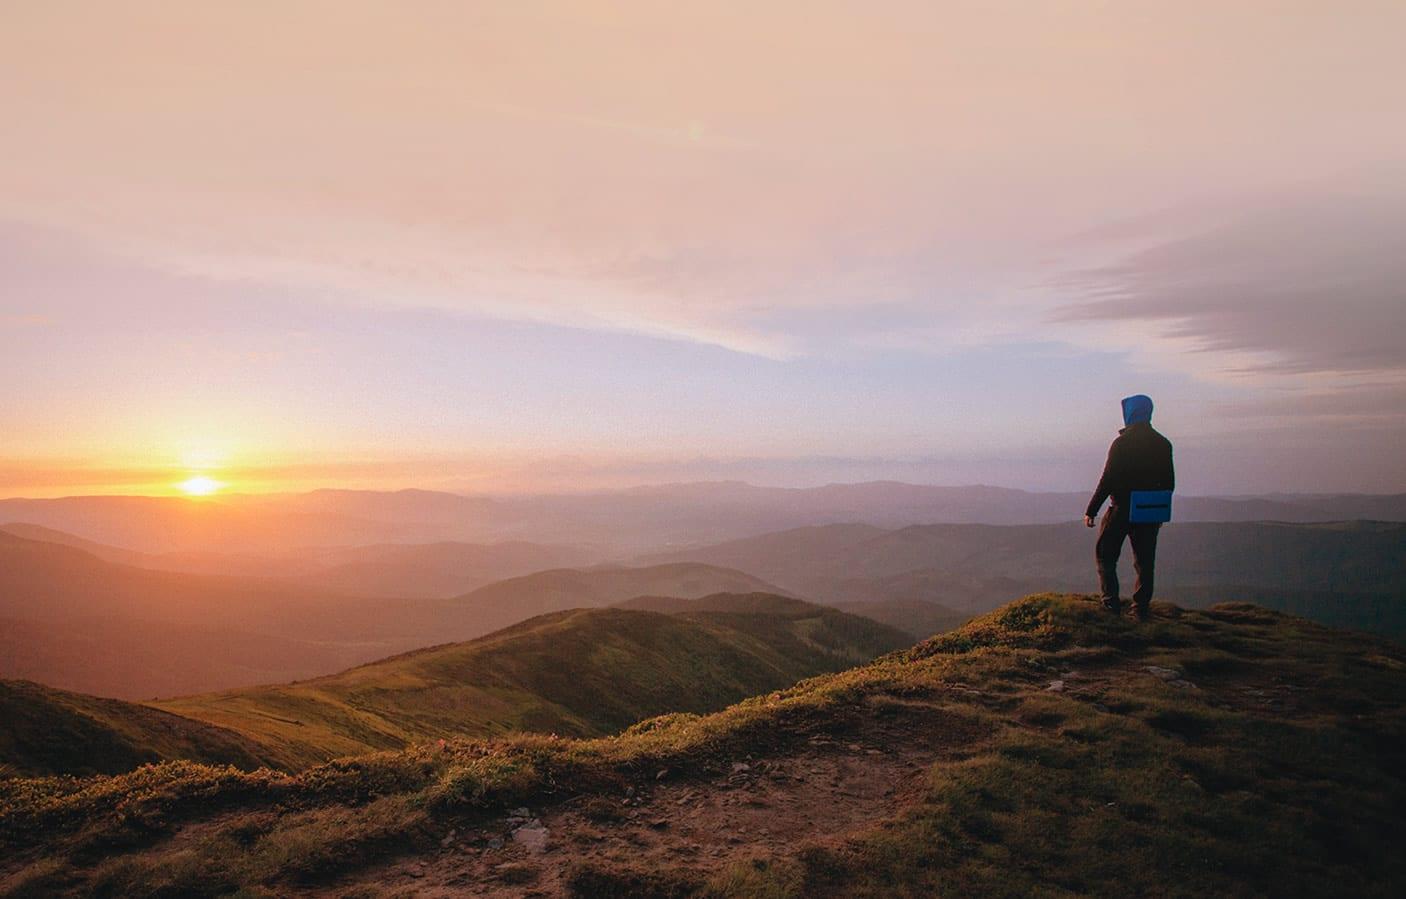 Mann schaut auf einen Sonnenuntergang in den Bergen